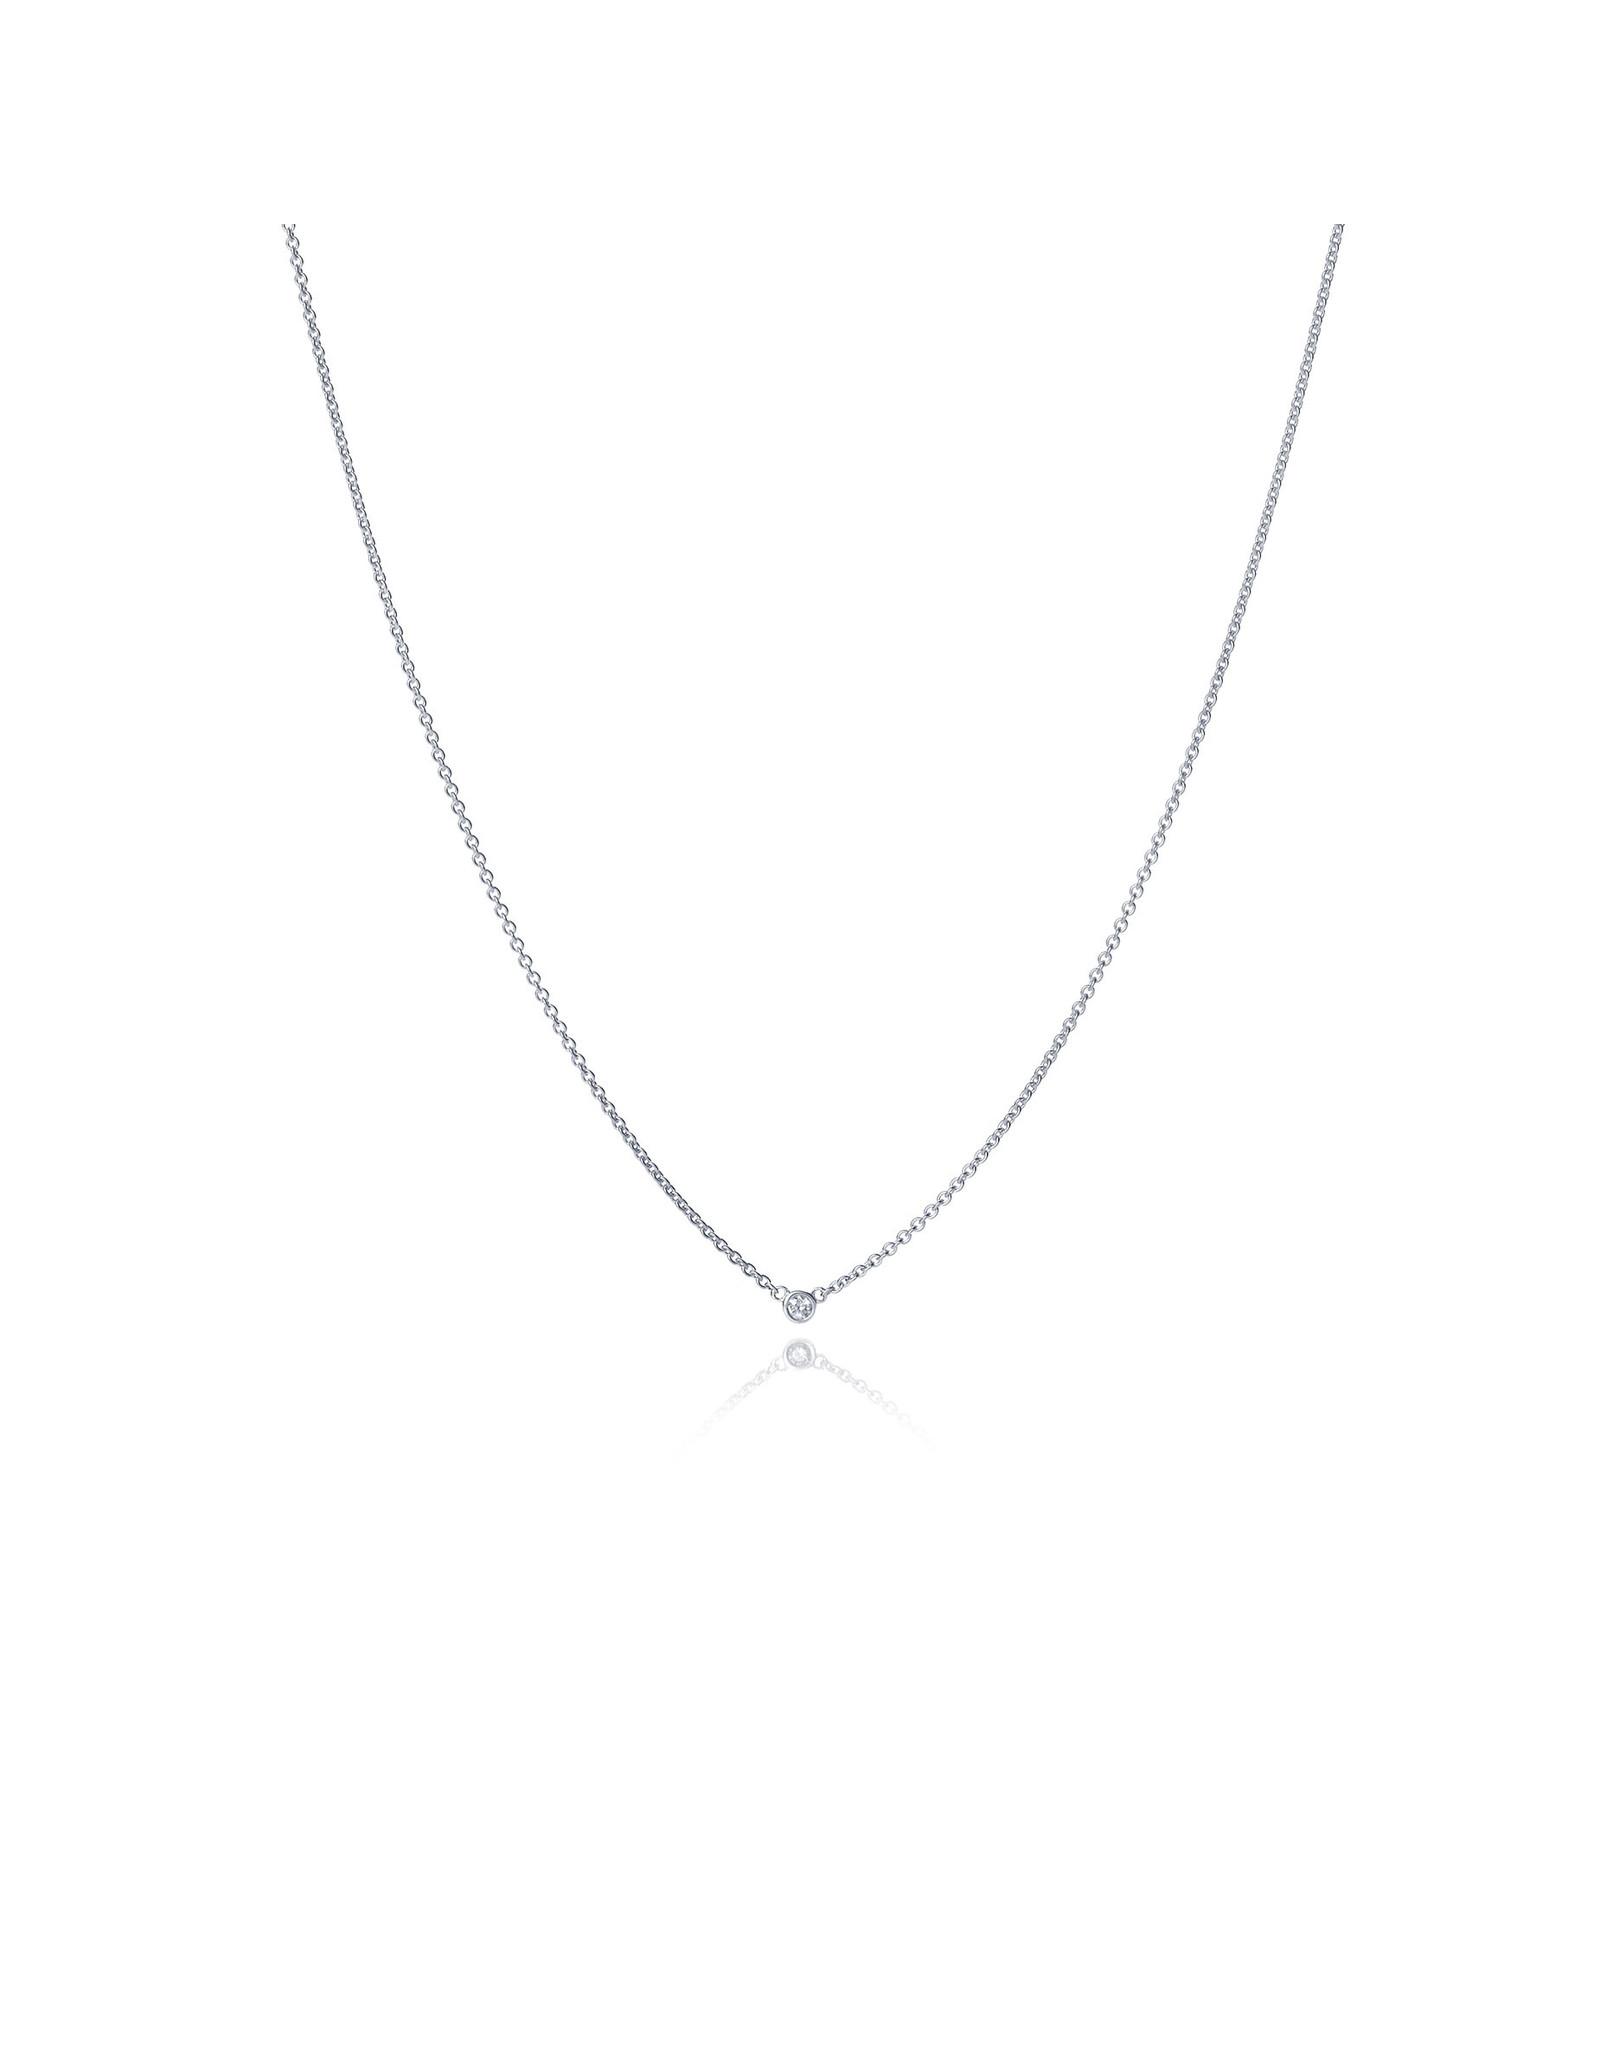 Miss Spring Halsketting Button Wit Goud 18kt MSC024DIWG Diamant